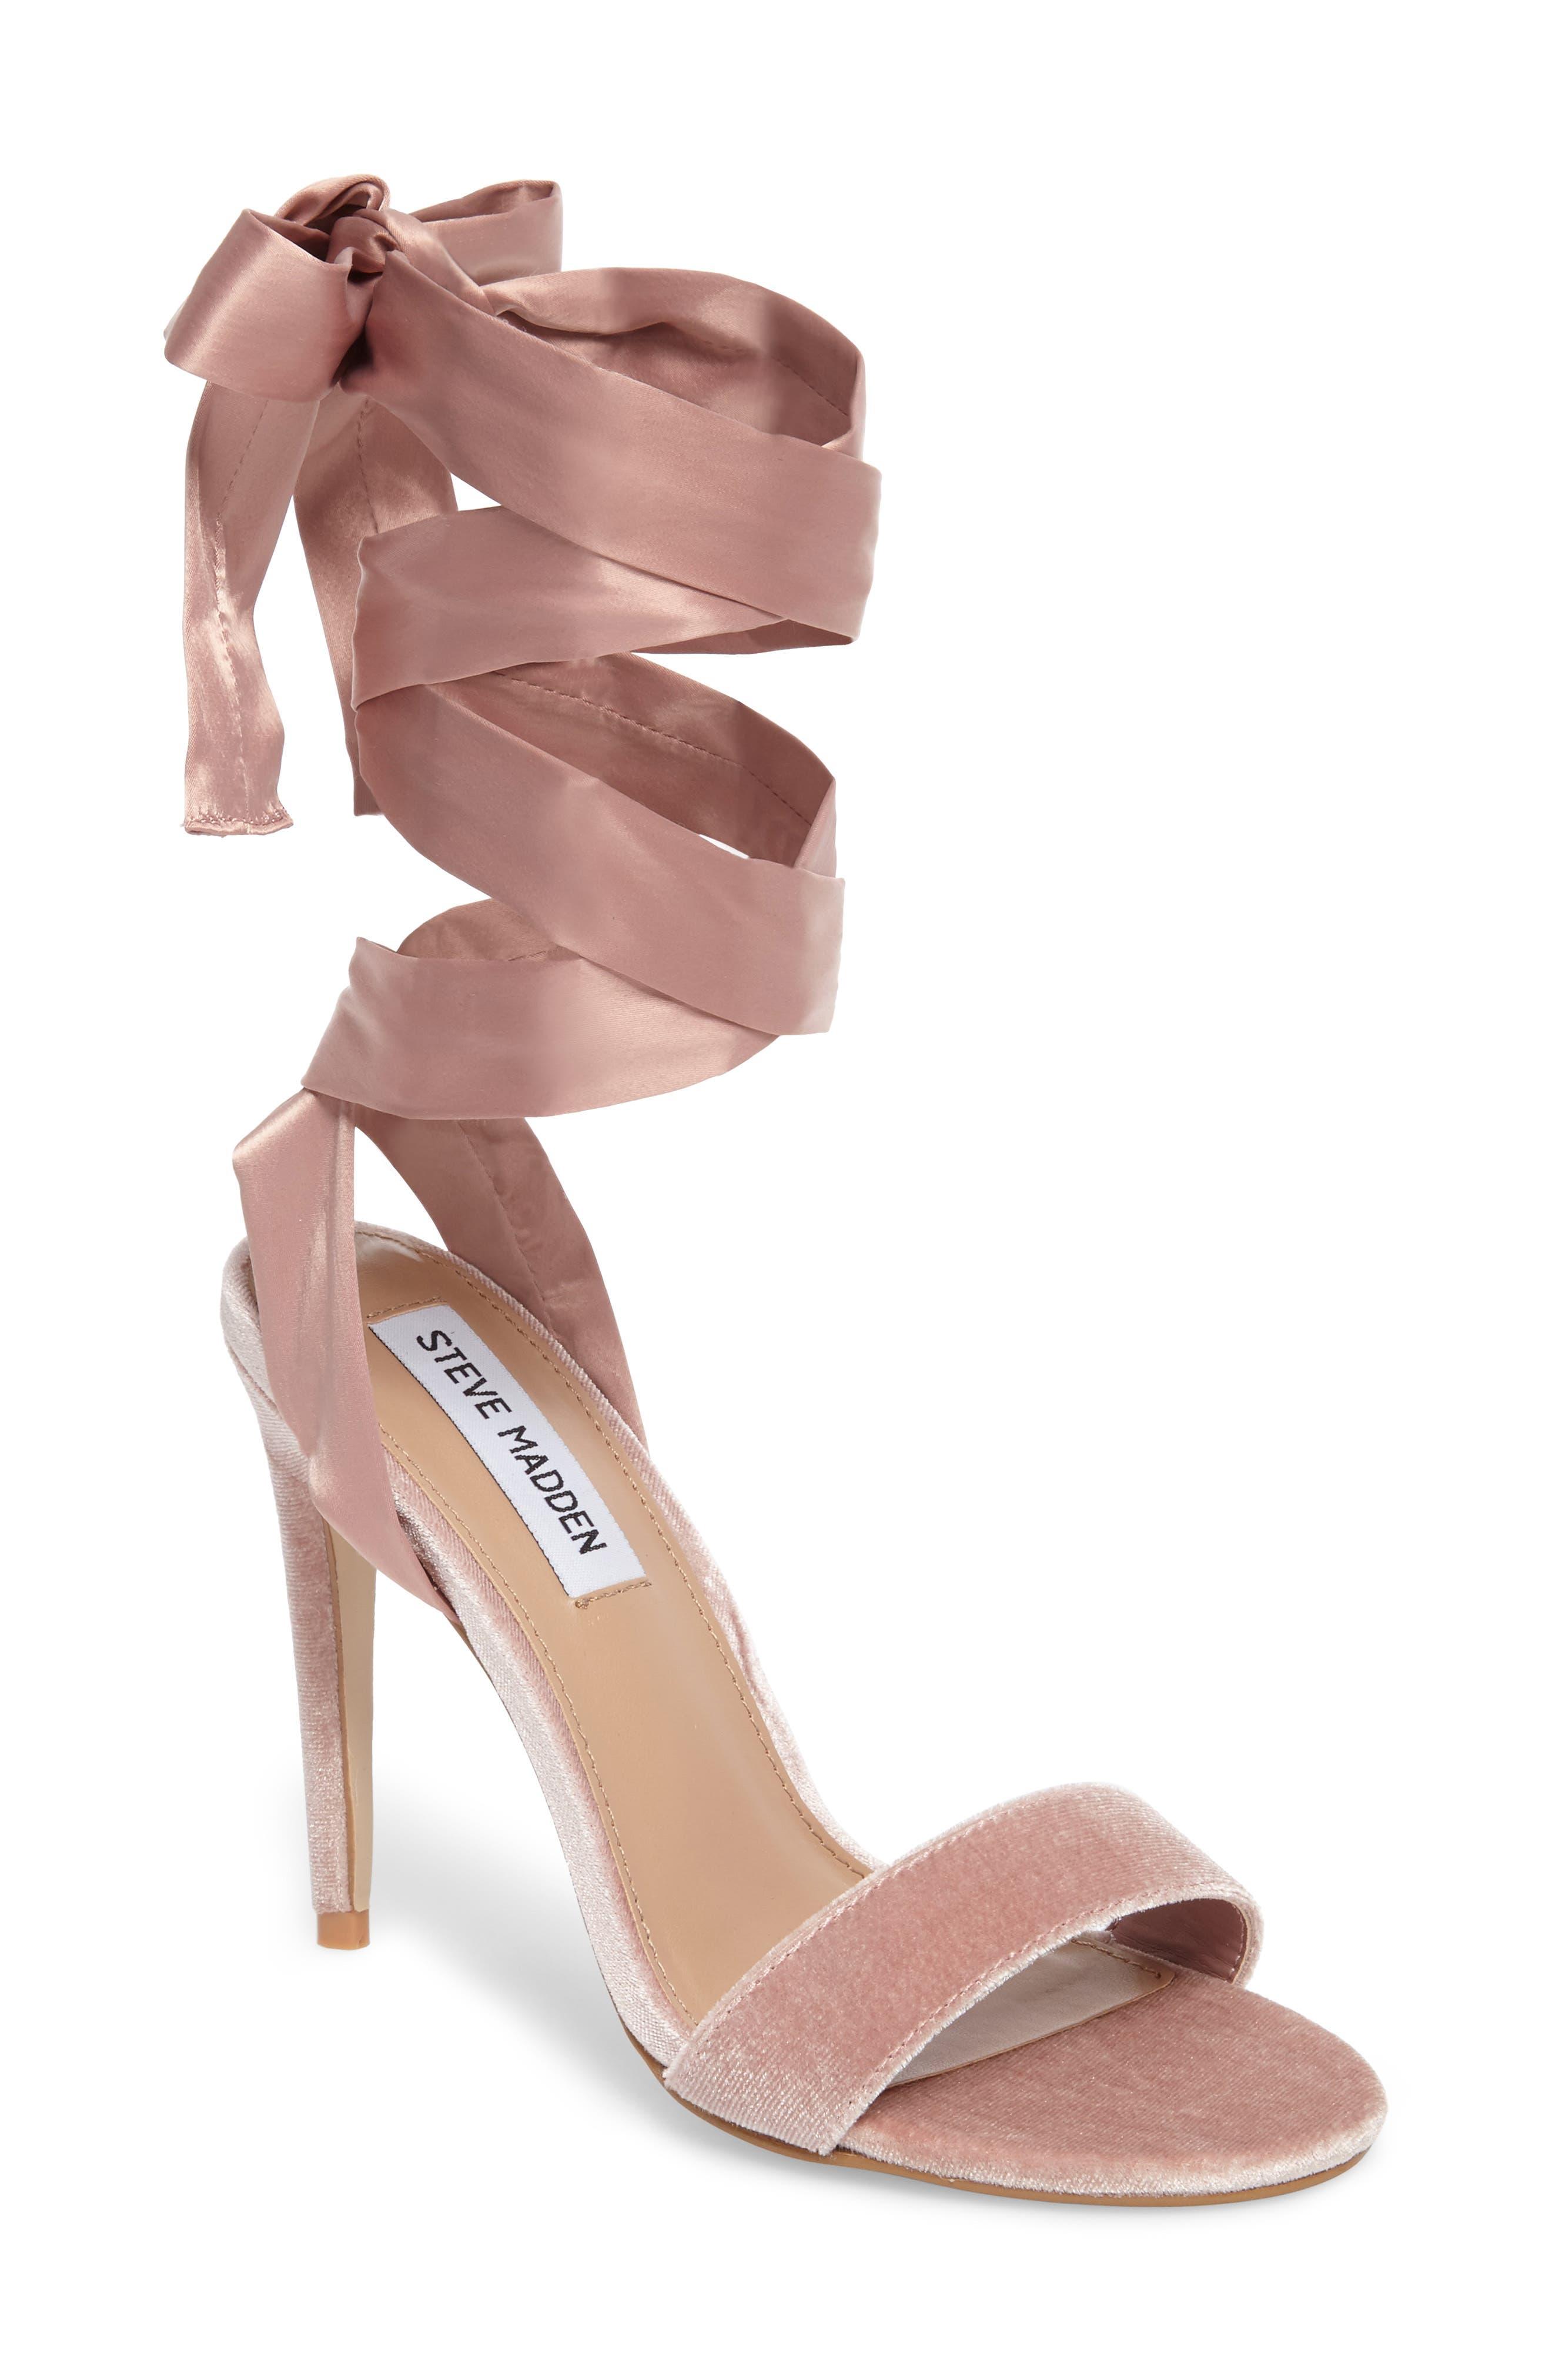 Promise Sandal,                             Main thumbnail 1, color,                             Blush Fabric